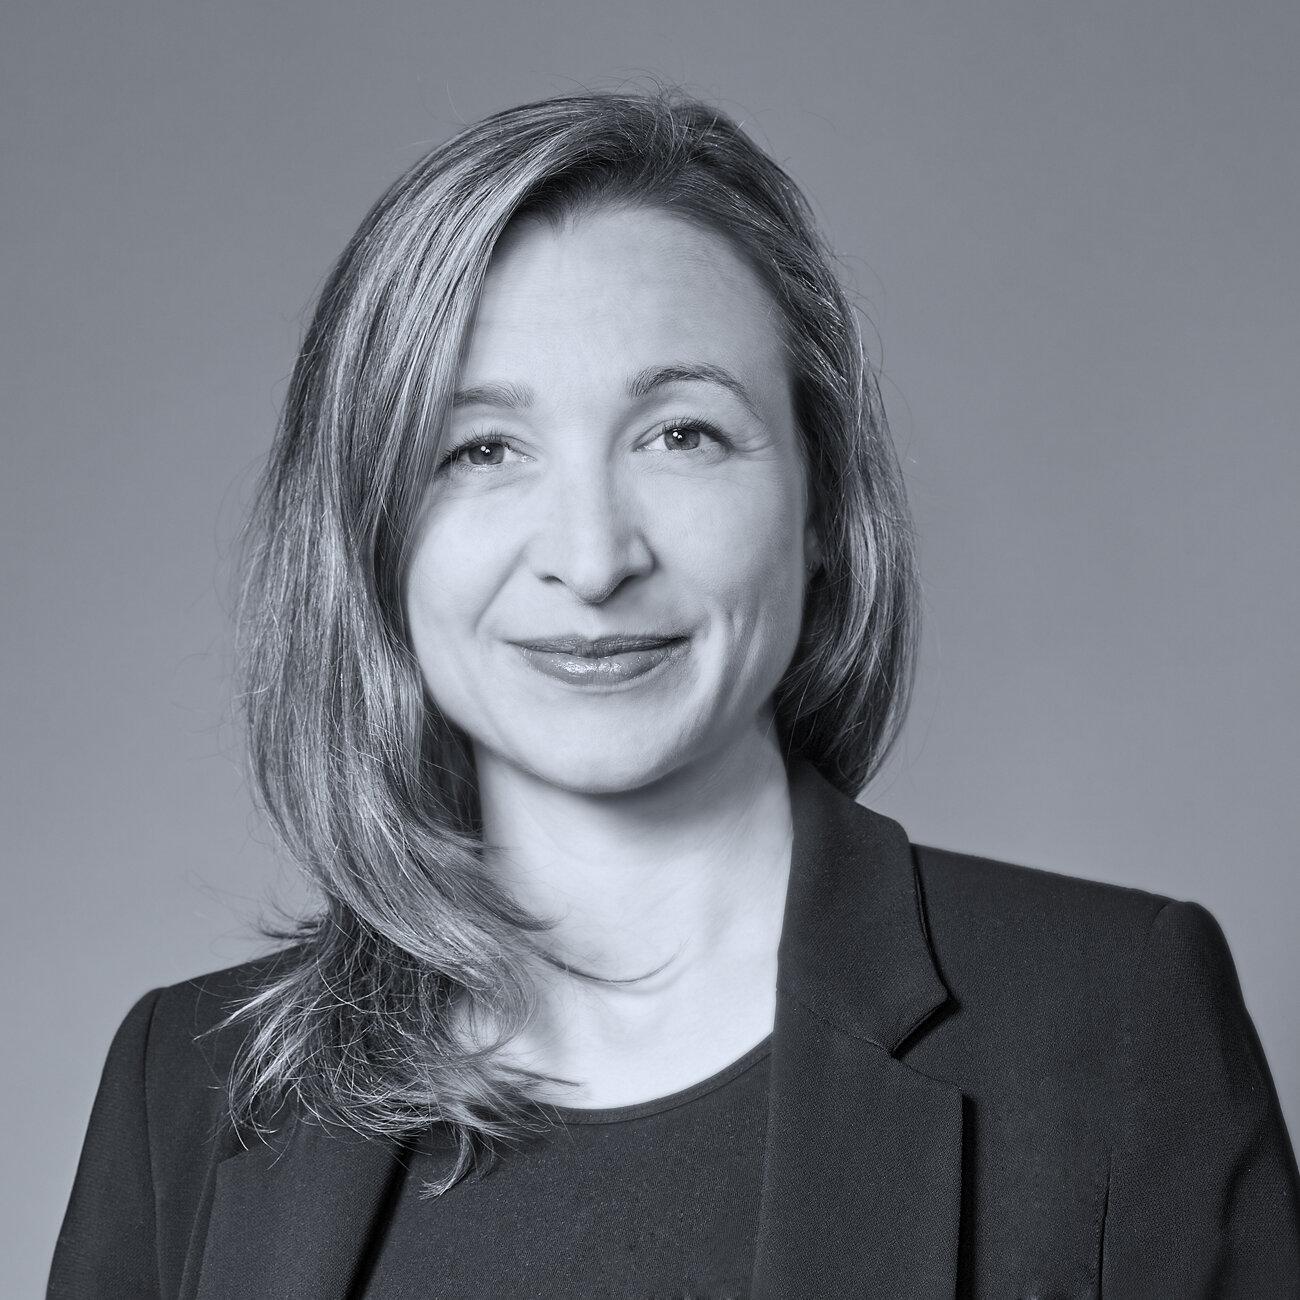 Zuzana Wiesnerova